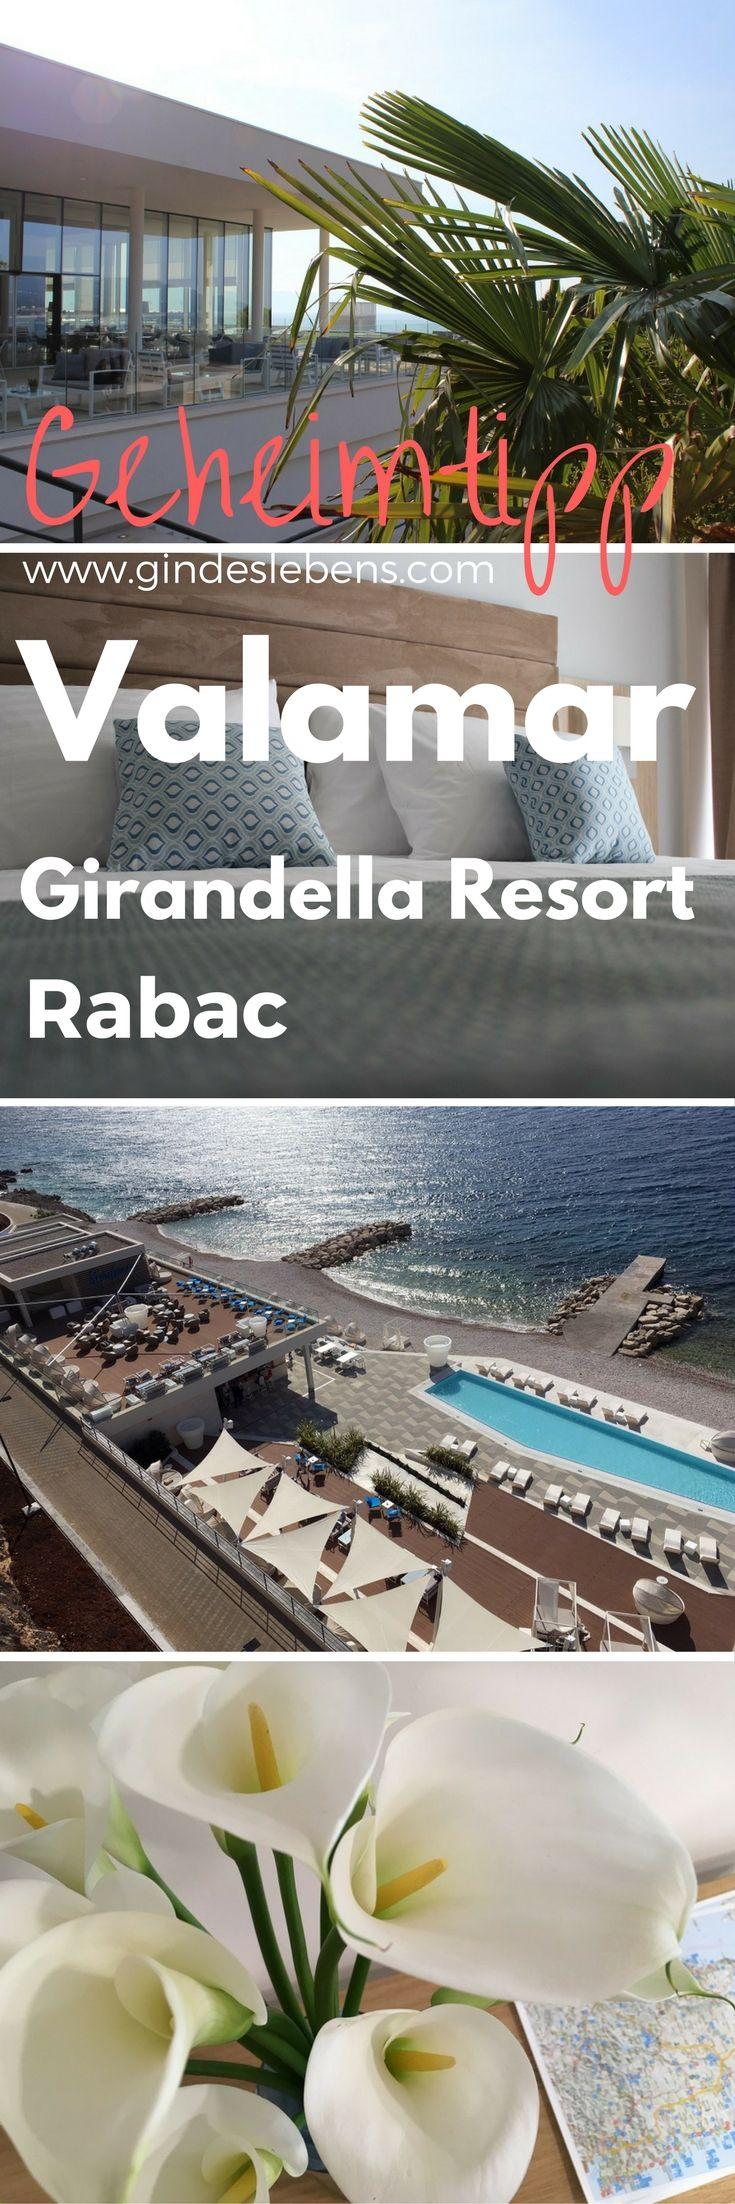 Neuer Koratien Geheimtipp: Valamar Girandella Resort Rabac - das Resort ist traumhaft schön und wurde erst im Juni 2017 neu eröffnet.